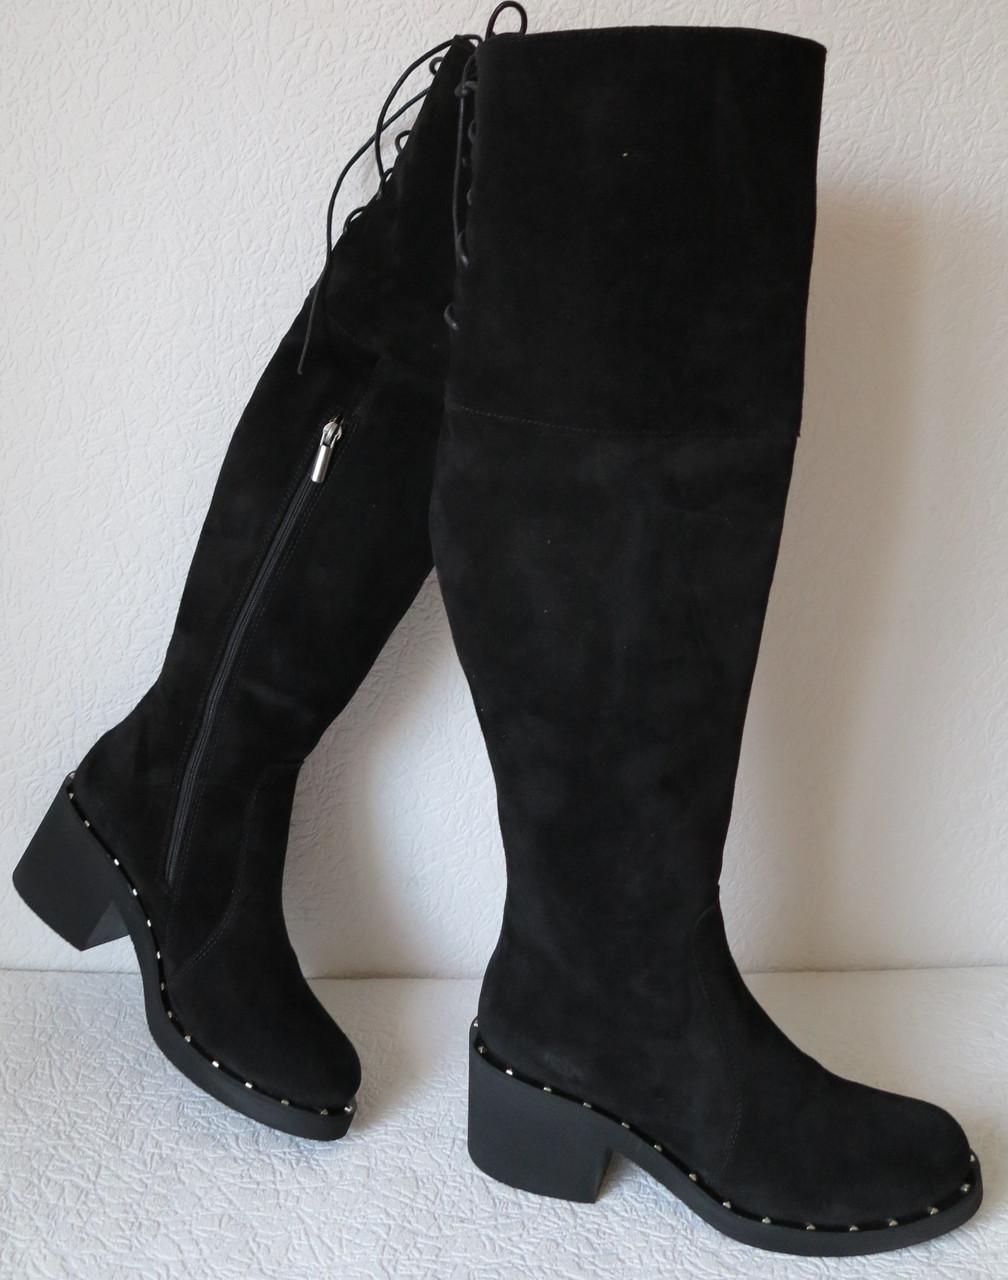 d24538d01 Зимние удобные замшевые ботфорты еврозима в стиле Baldinini низкий каблук .  - LIMODA.COM.